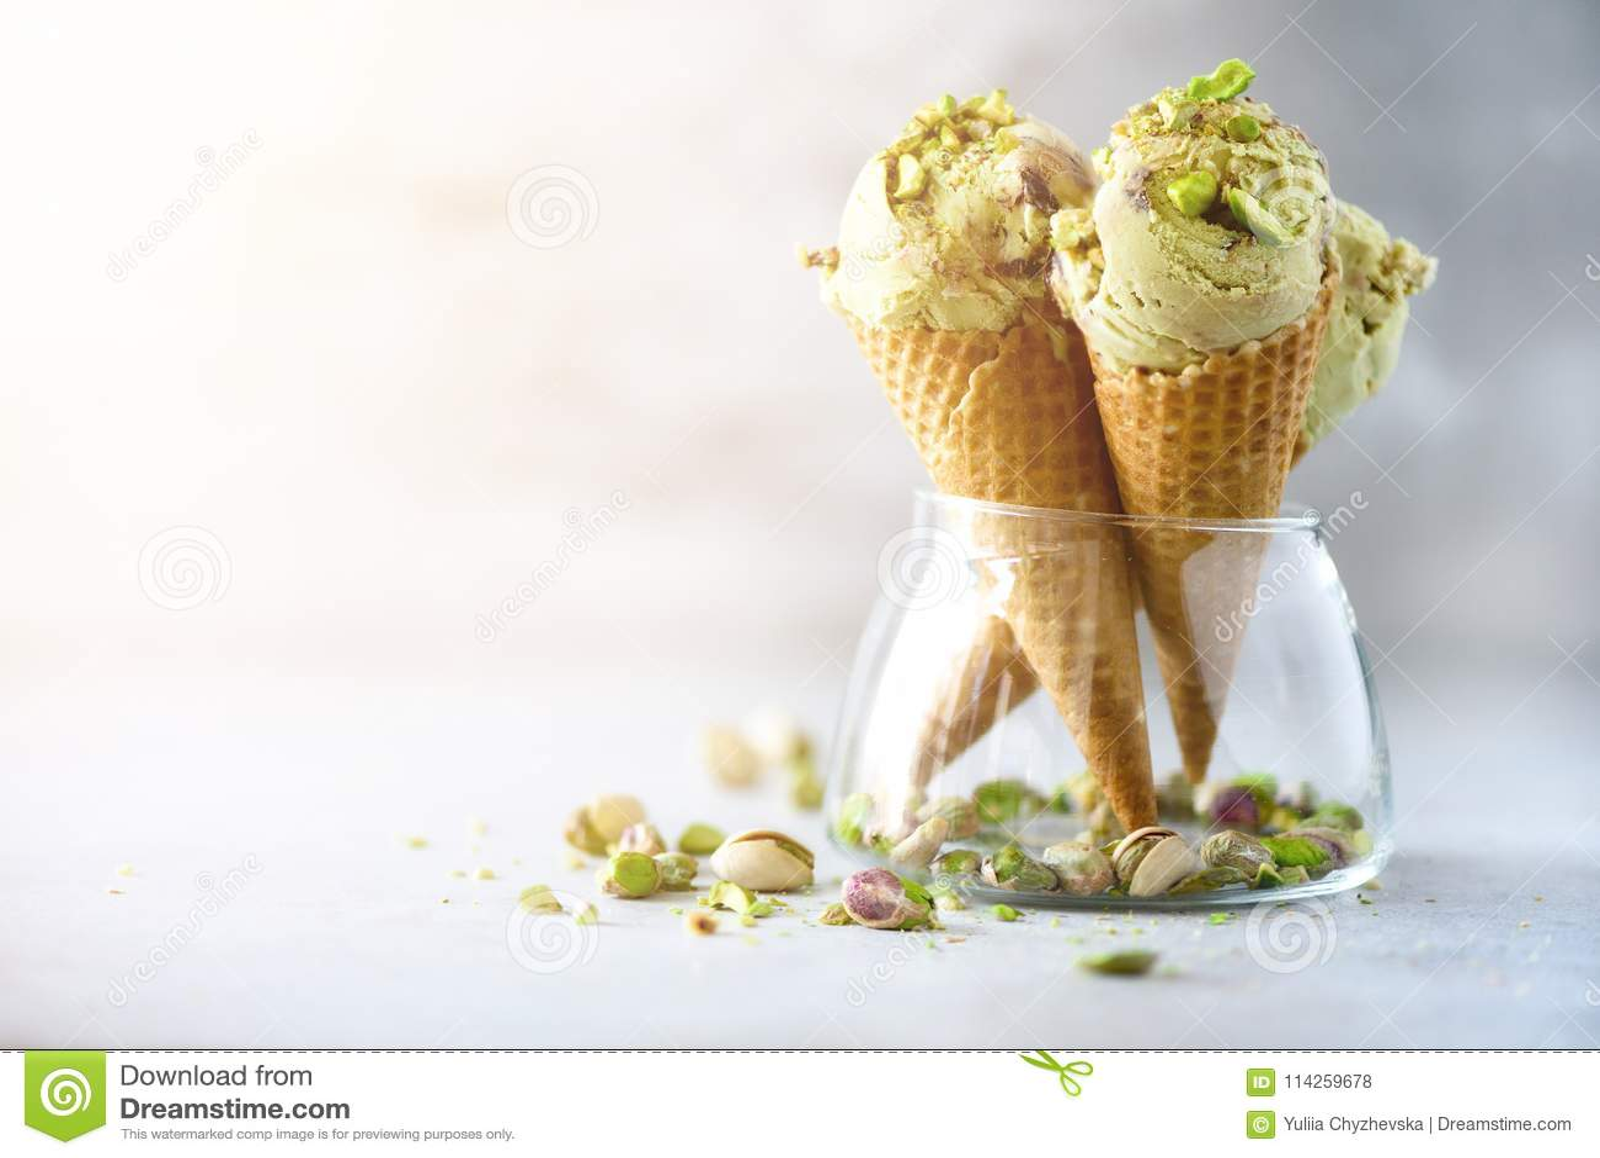 Grüne Eiscreme im Waffelkegel mit Schokolade und Pistazien auf grauem Steinhintergrund Sommerlebensmittelkonzept, Kopie